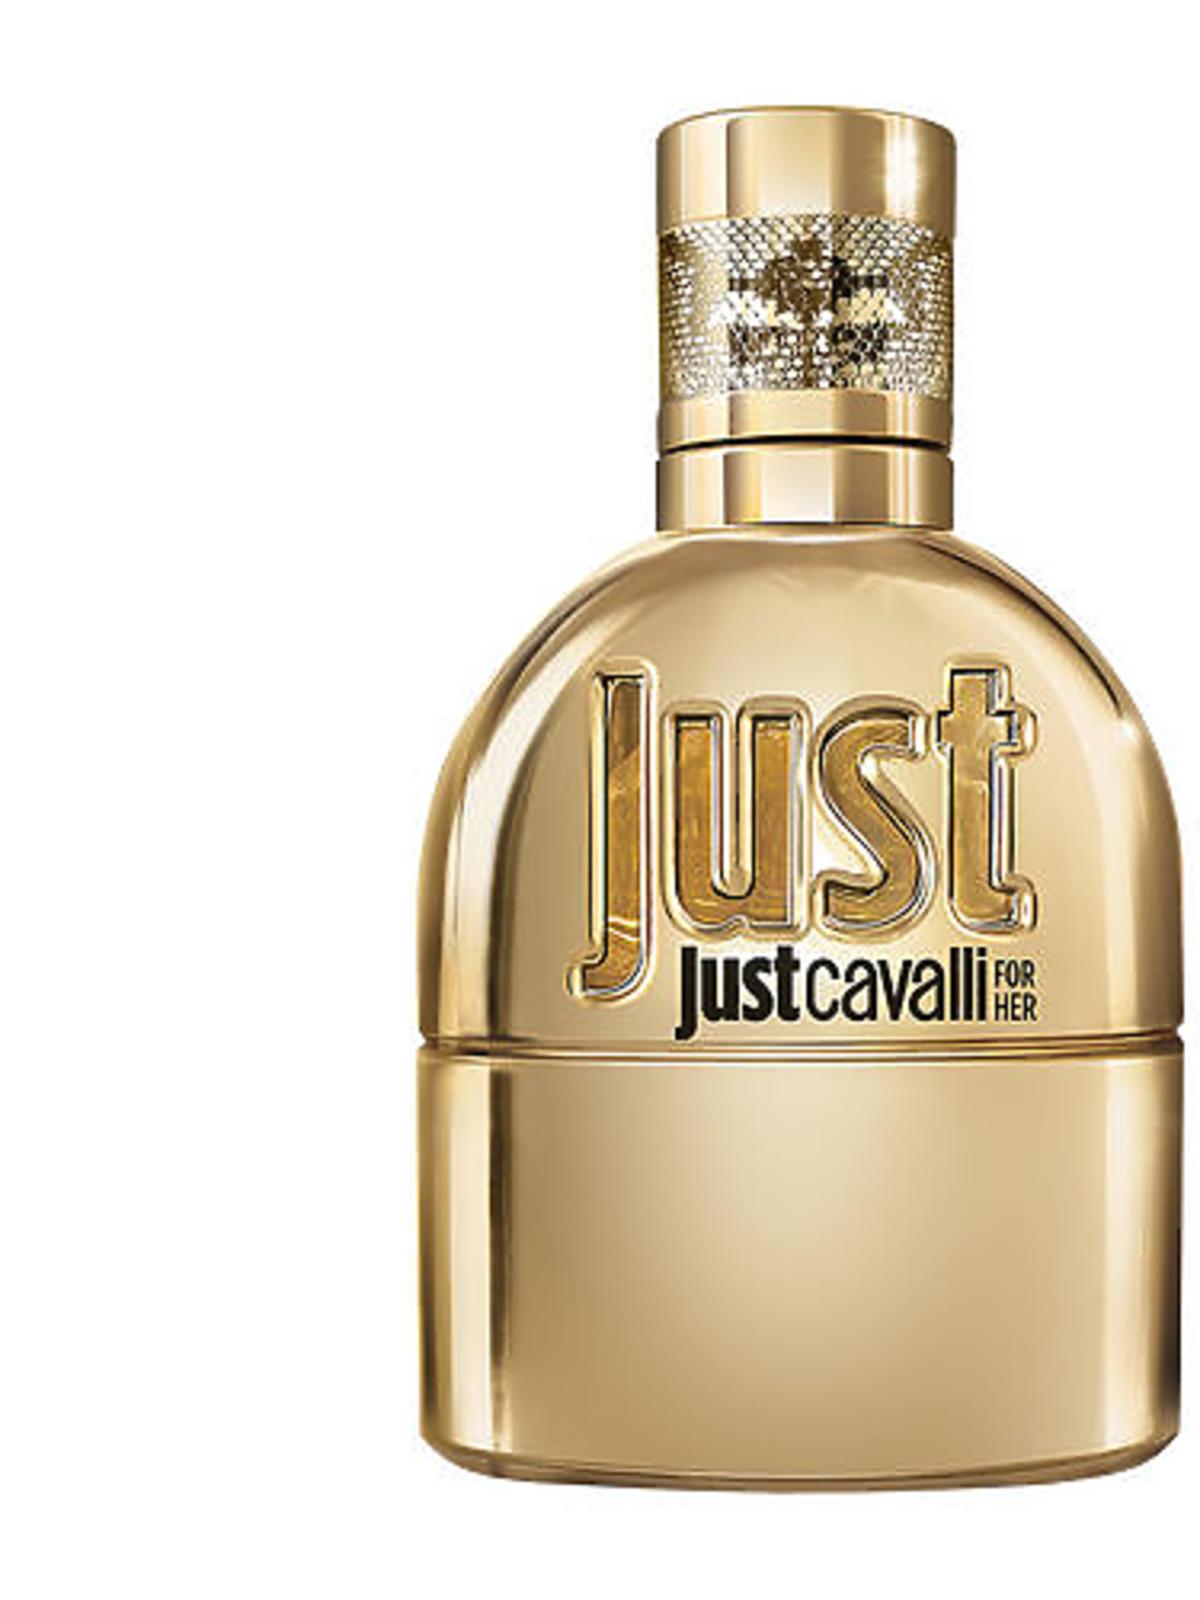 Wyprzedaże Sephora 2016 zima: perfumy Roberto Cavalli Just Gold Women Woda Perfumowana 30 ml, cena: 119 zł (ze 195 zł)